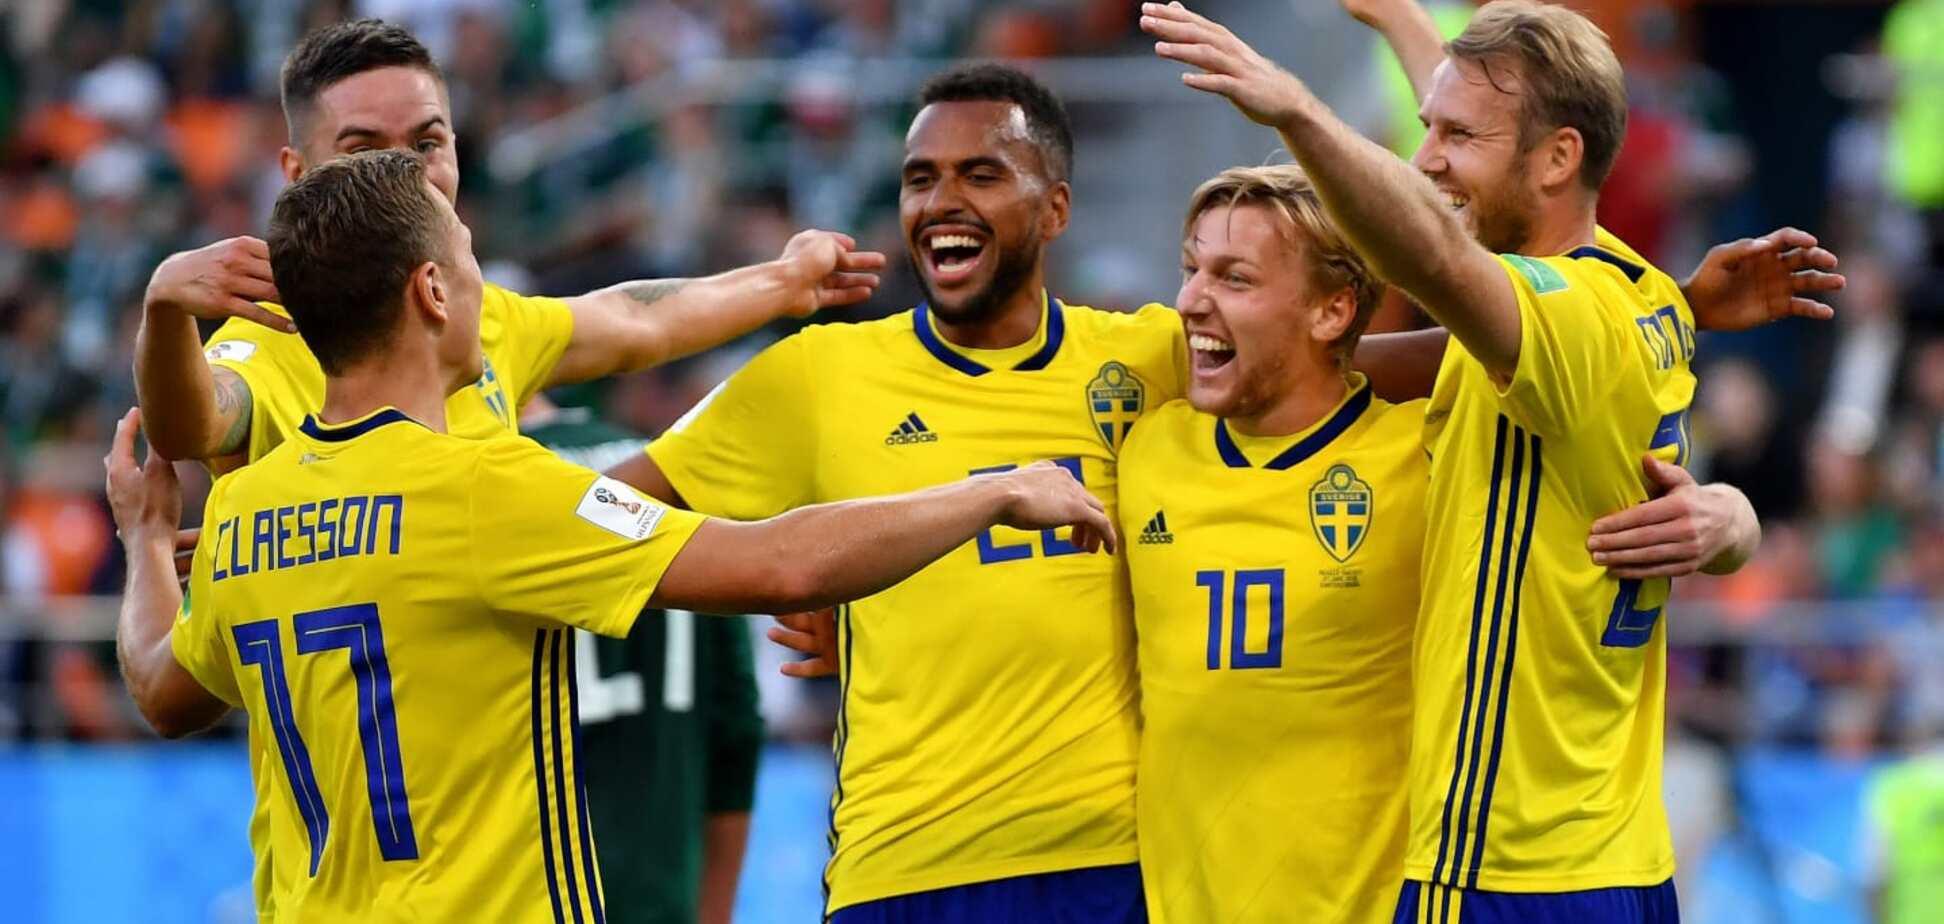 Мексика – Швеция - 0:3: онлайн-трансляция матча ЧМ-2018